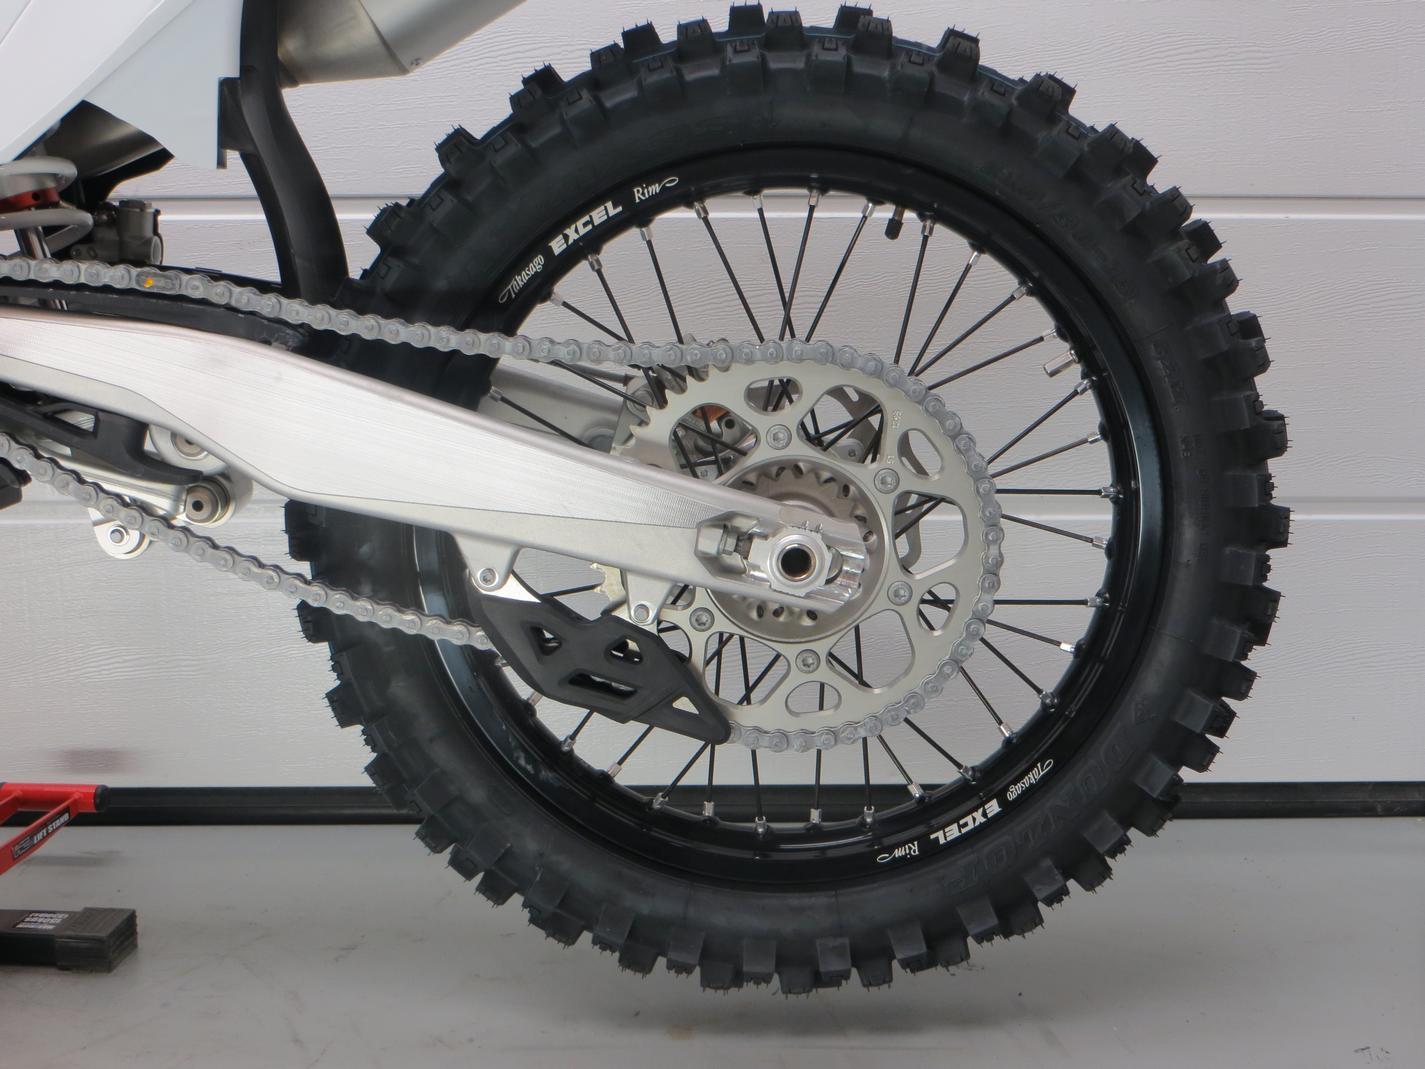 KTM - 350 SX-F